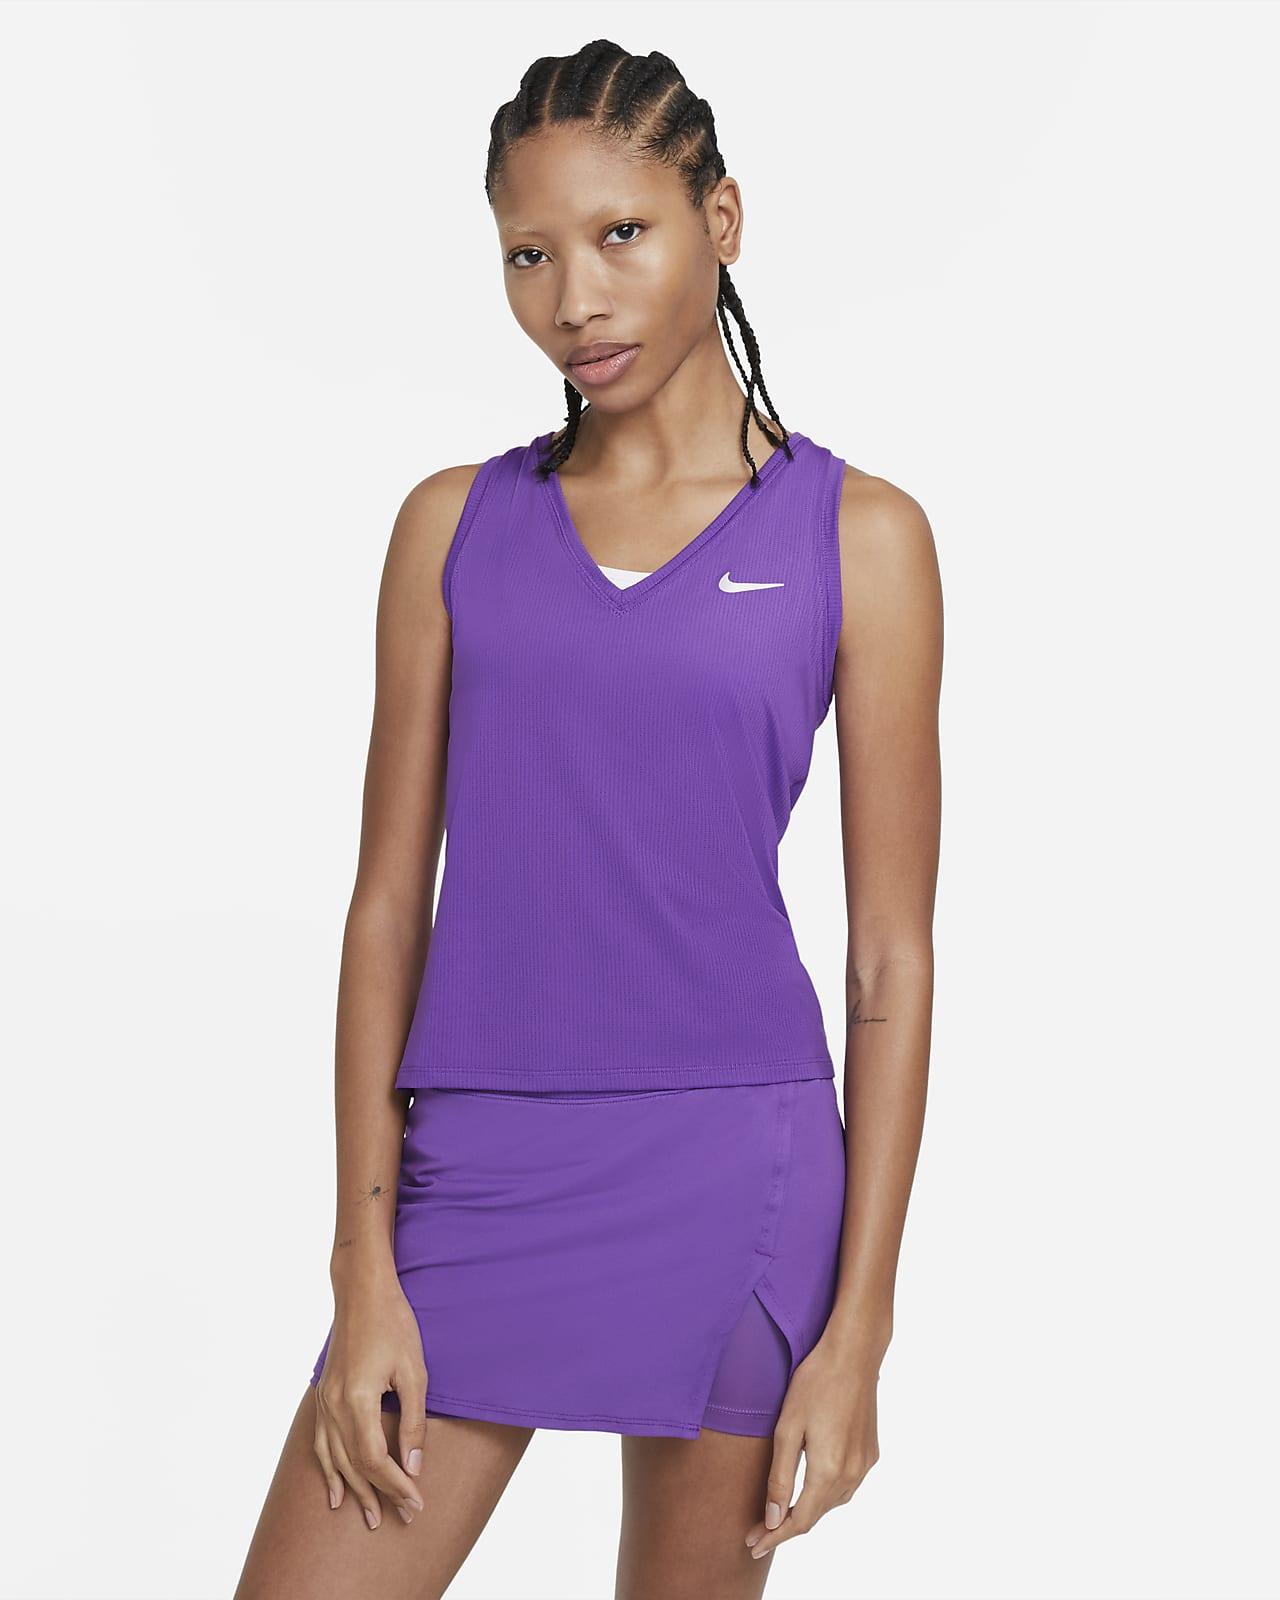 NikeCourt Victory Tennis-Tanktop für Damen